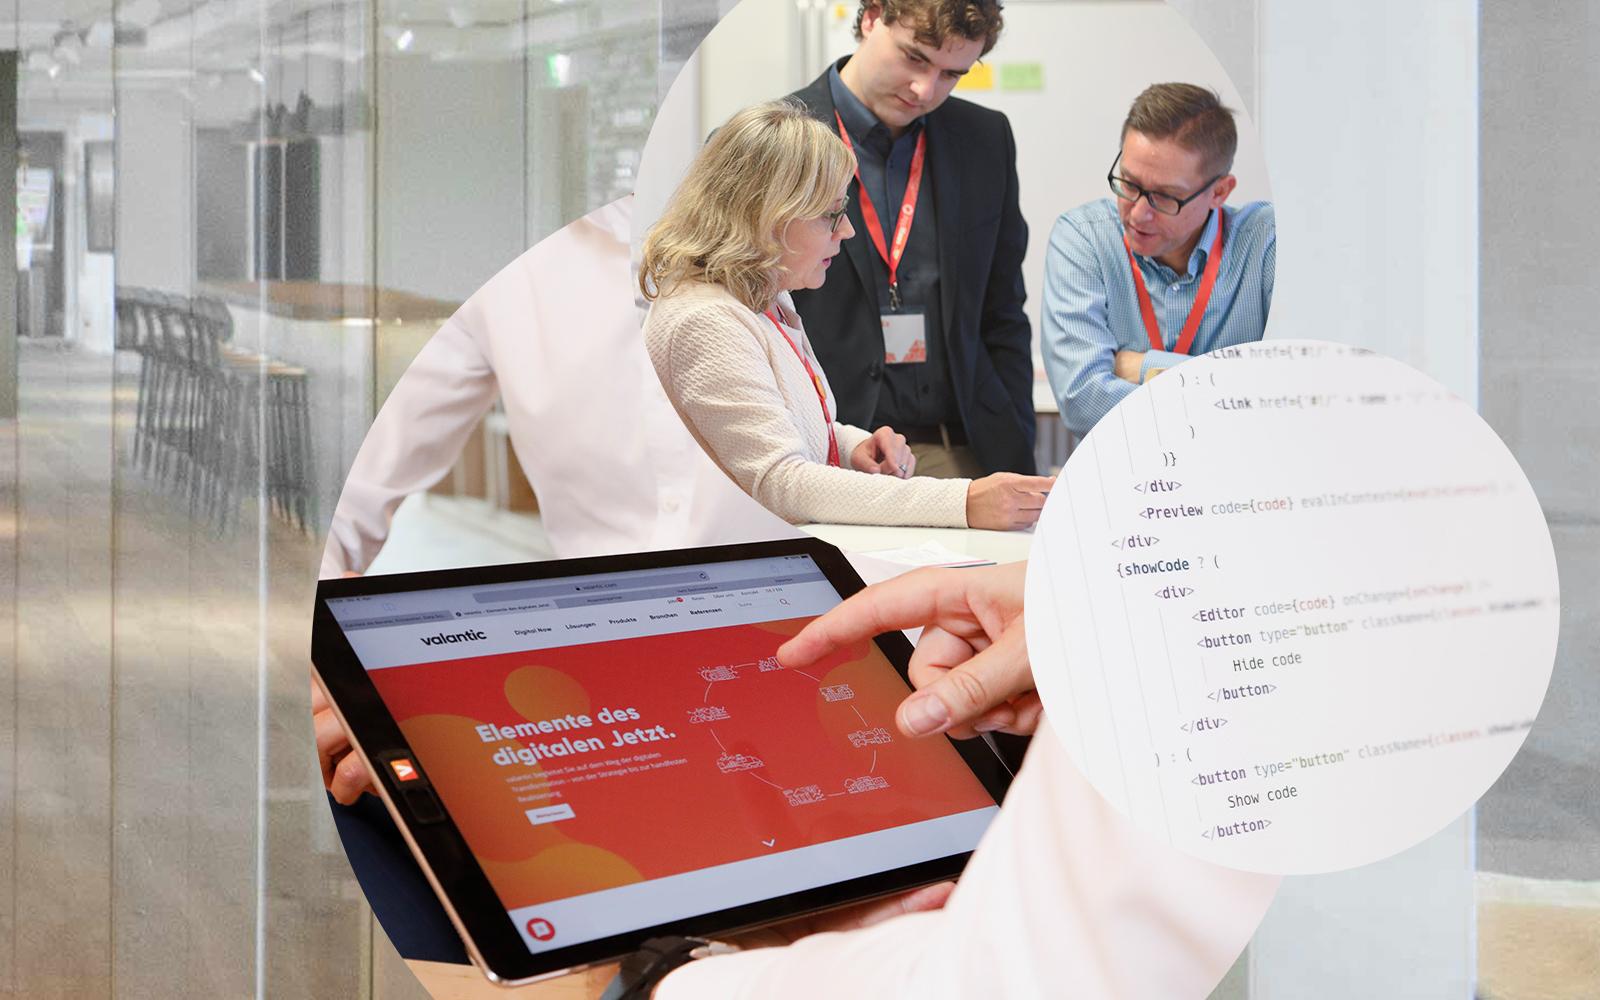 Das Bild zeigt eine valantic Arbeitssituation, Menschen an Stehtischen, mit Tablet und Programmiercode